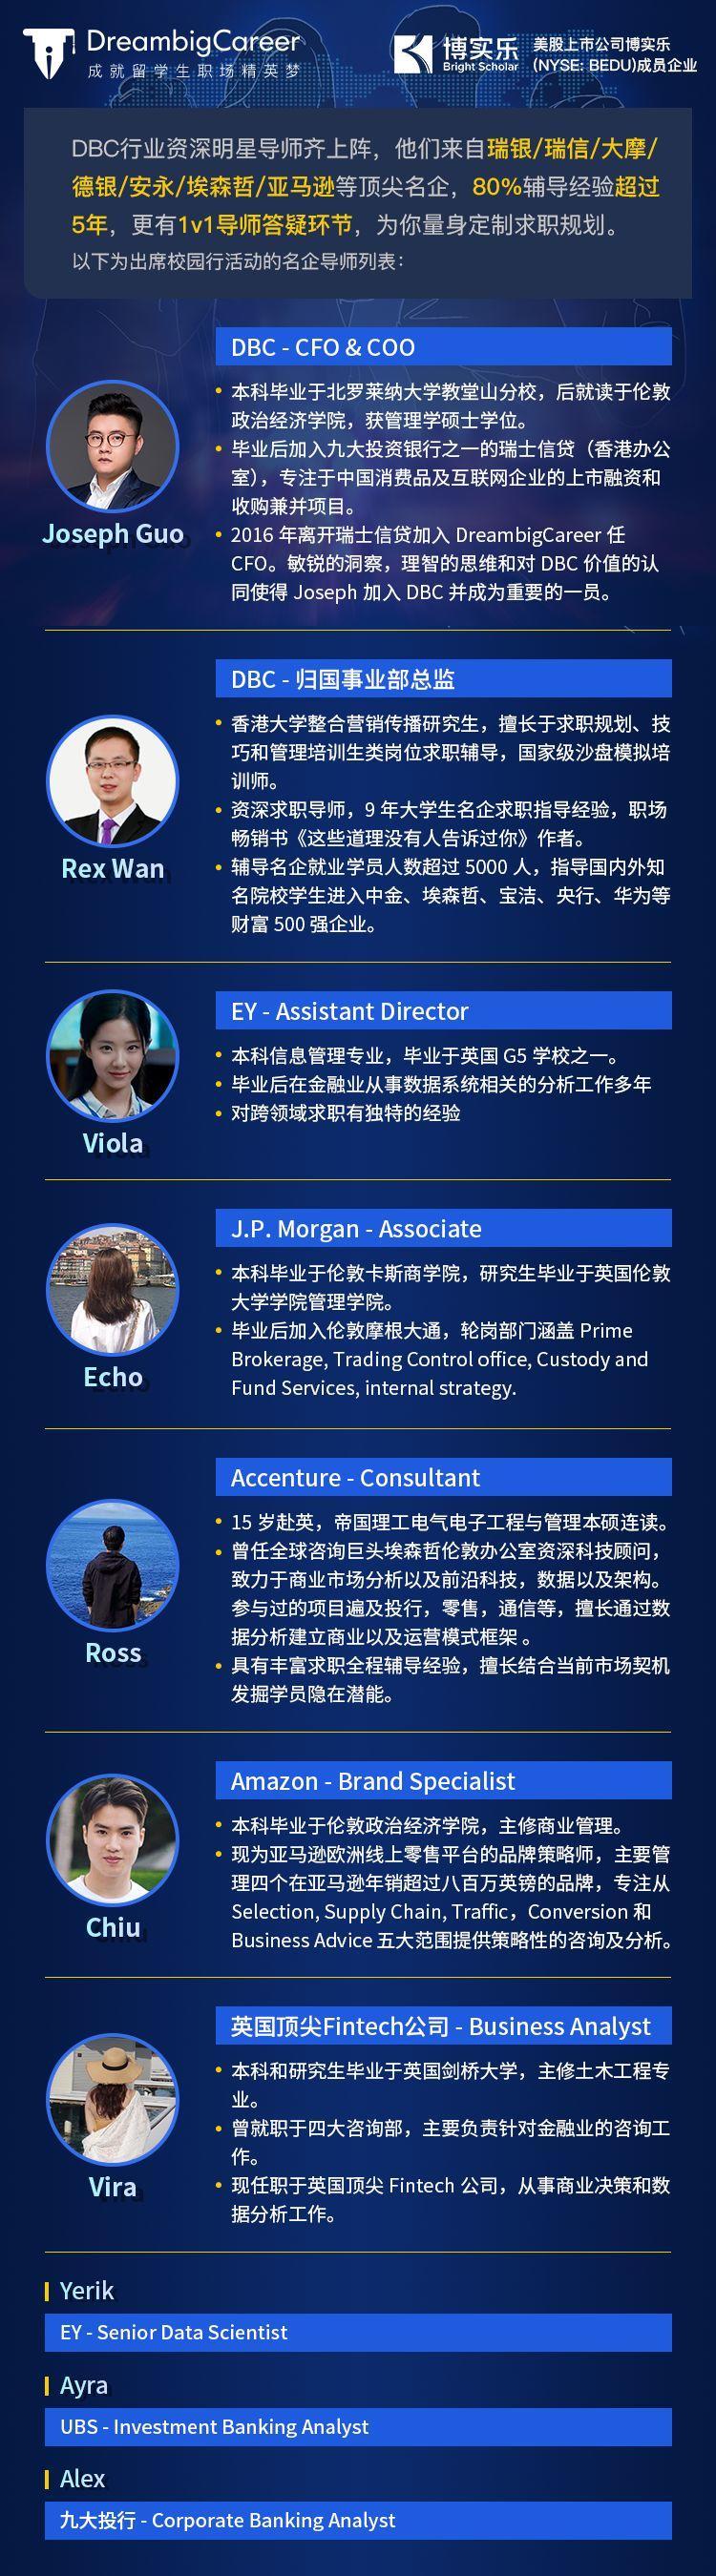 【就业资讯】资深投行banker空降剑桥,分享留英求职心得,免费提供简历点评&职业规划